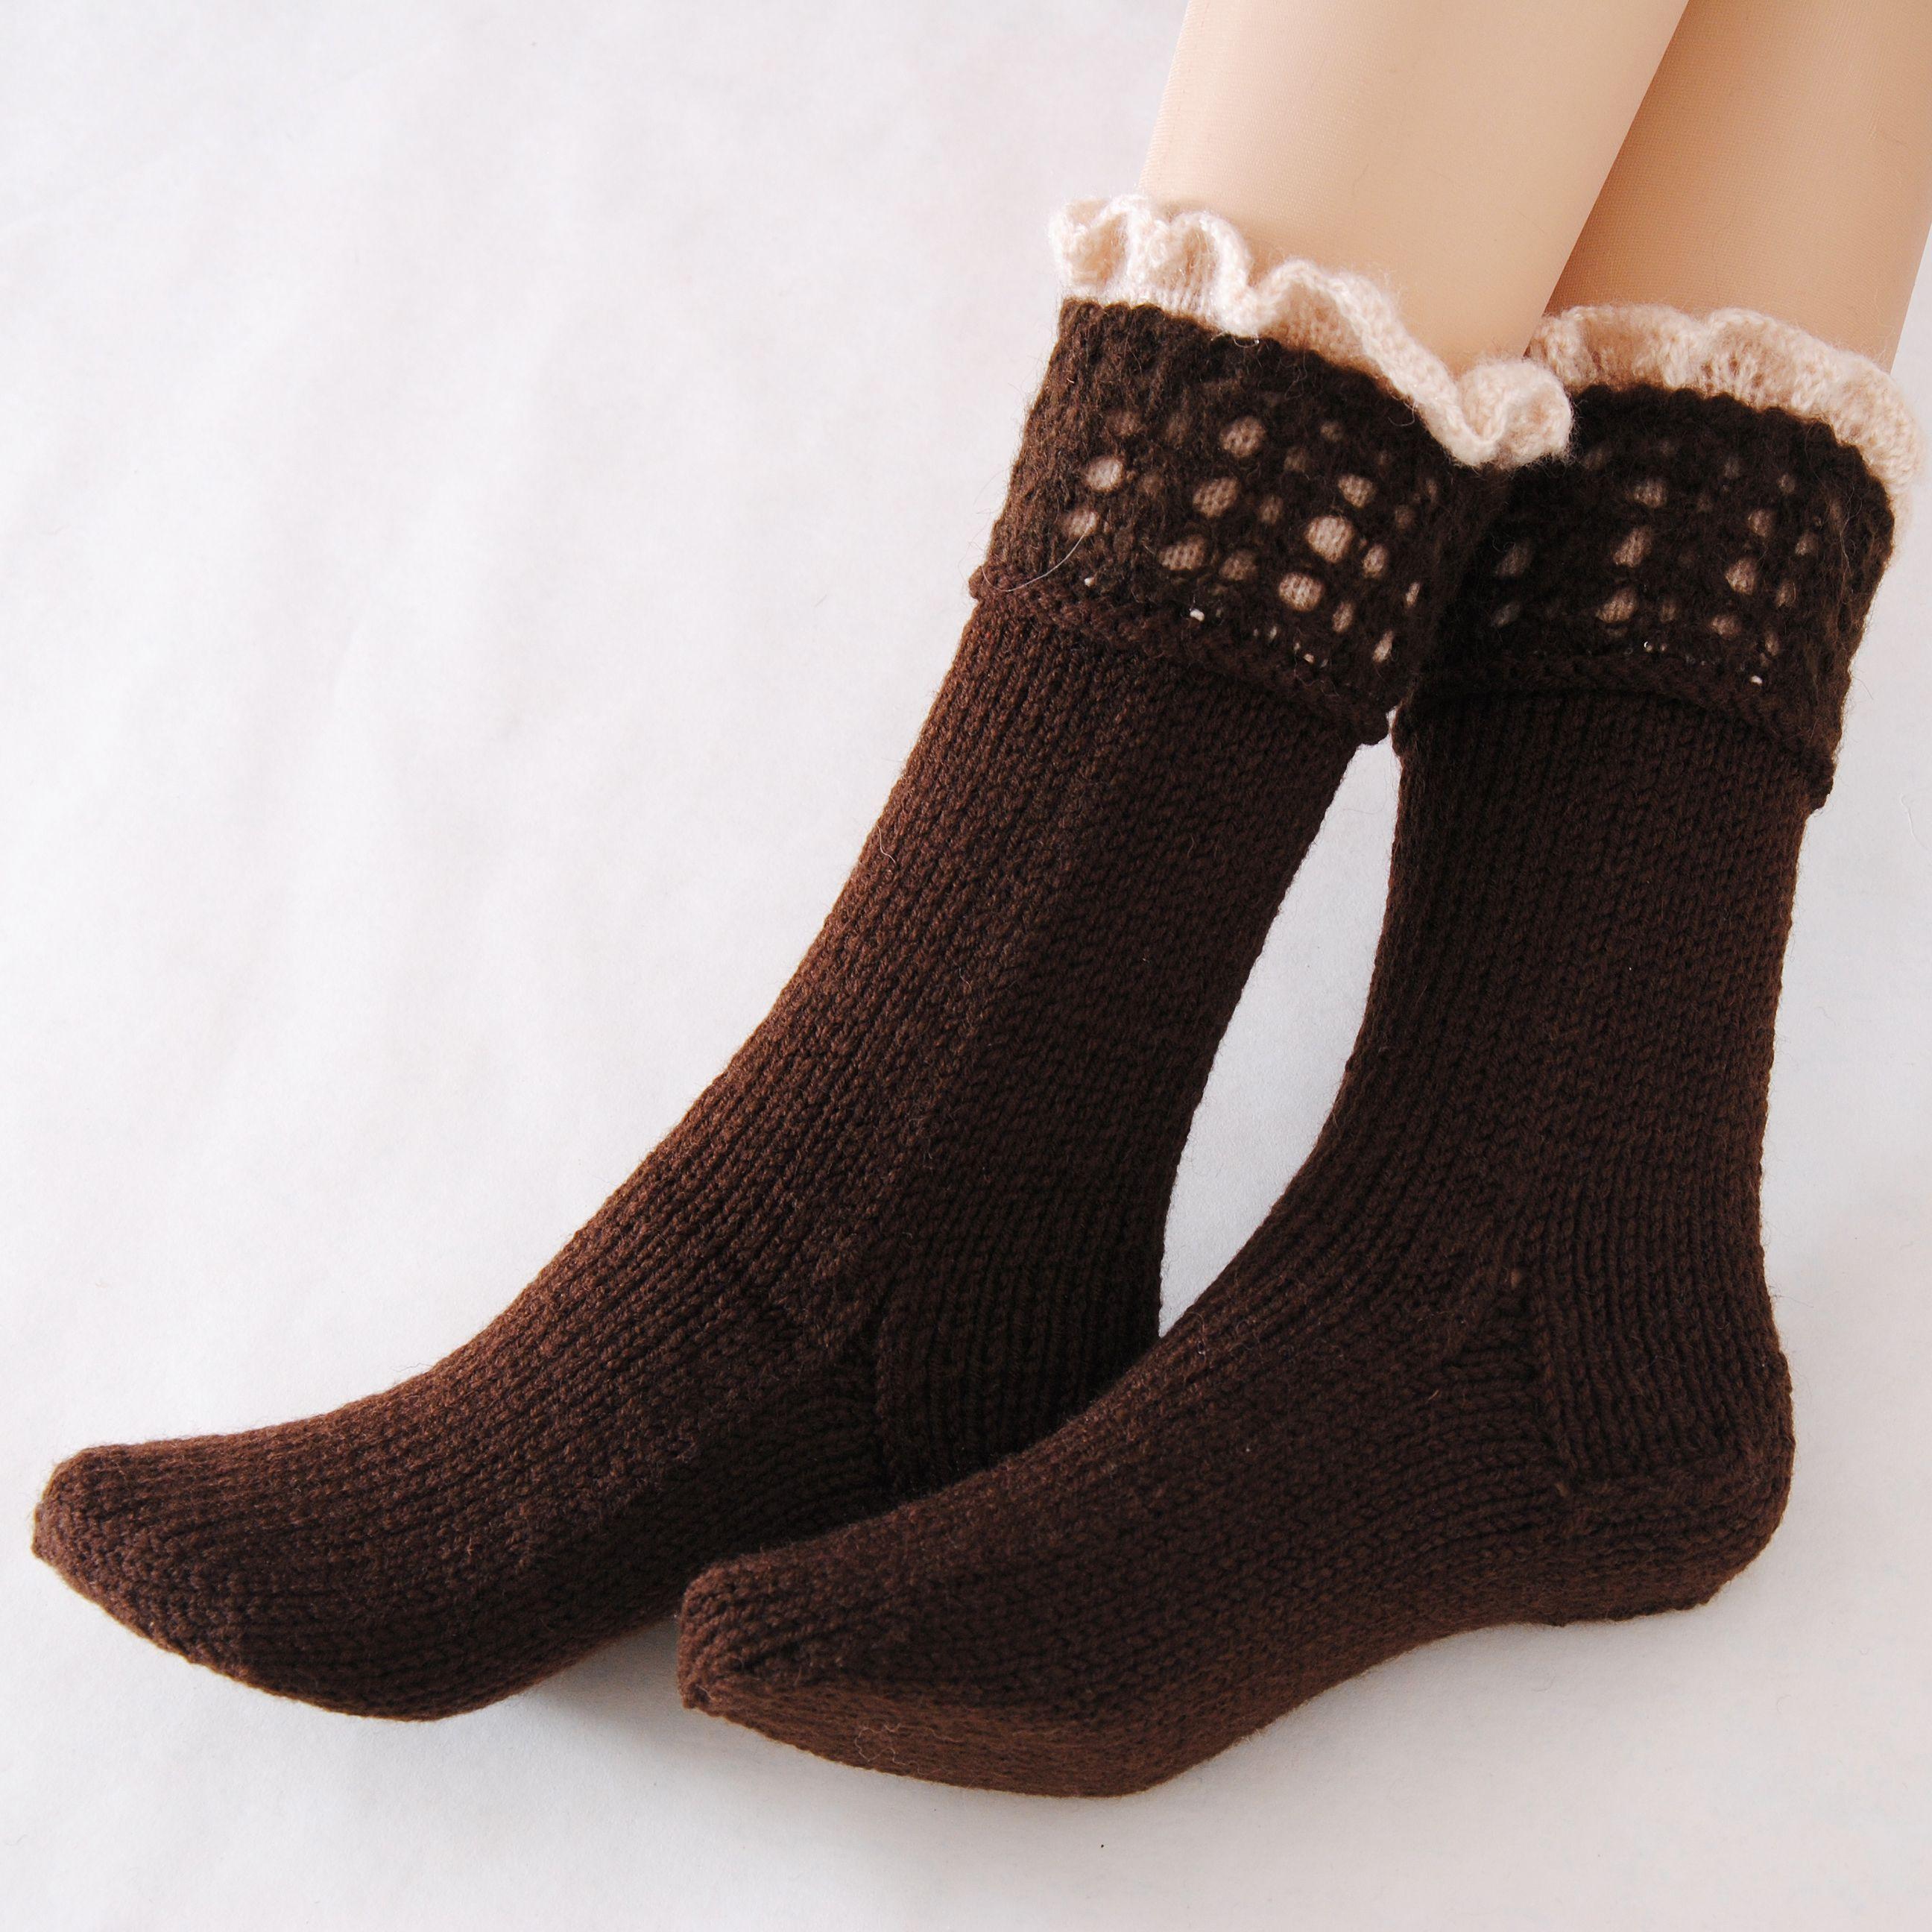 женские обувь модные шерстяные вязаные купить носочки носки домашняя подарок